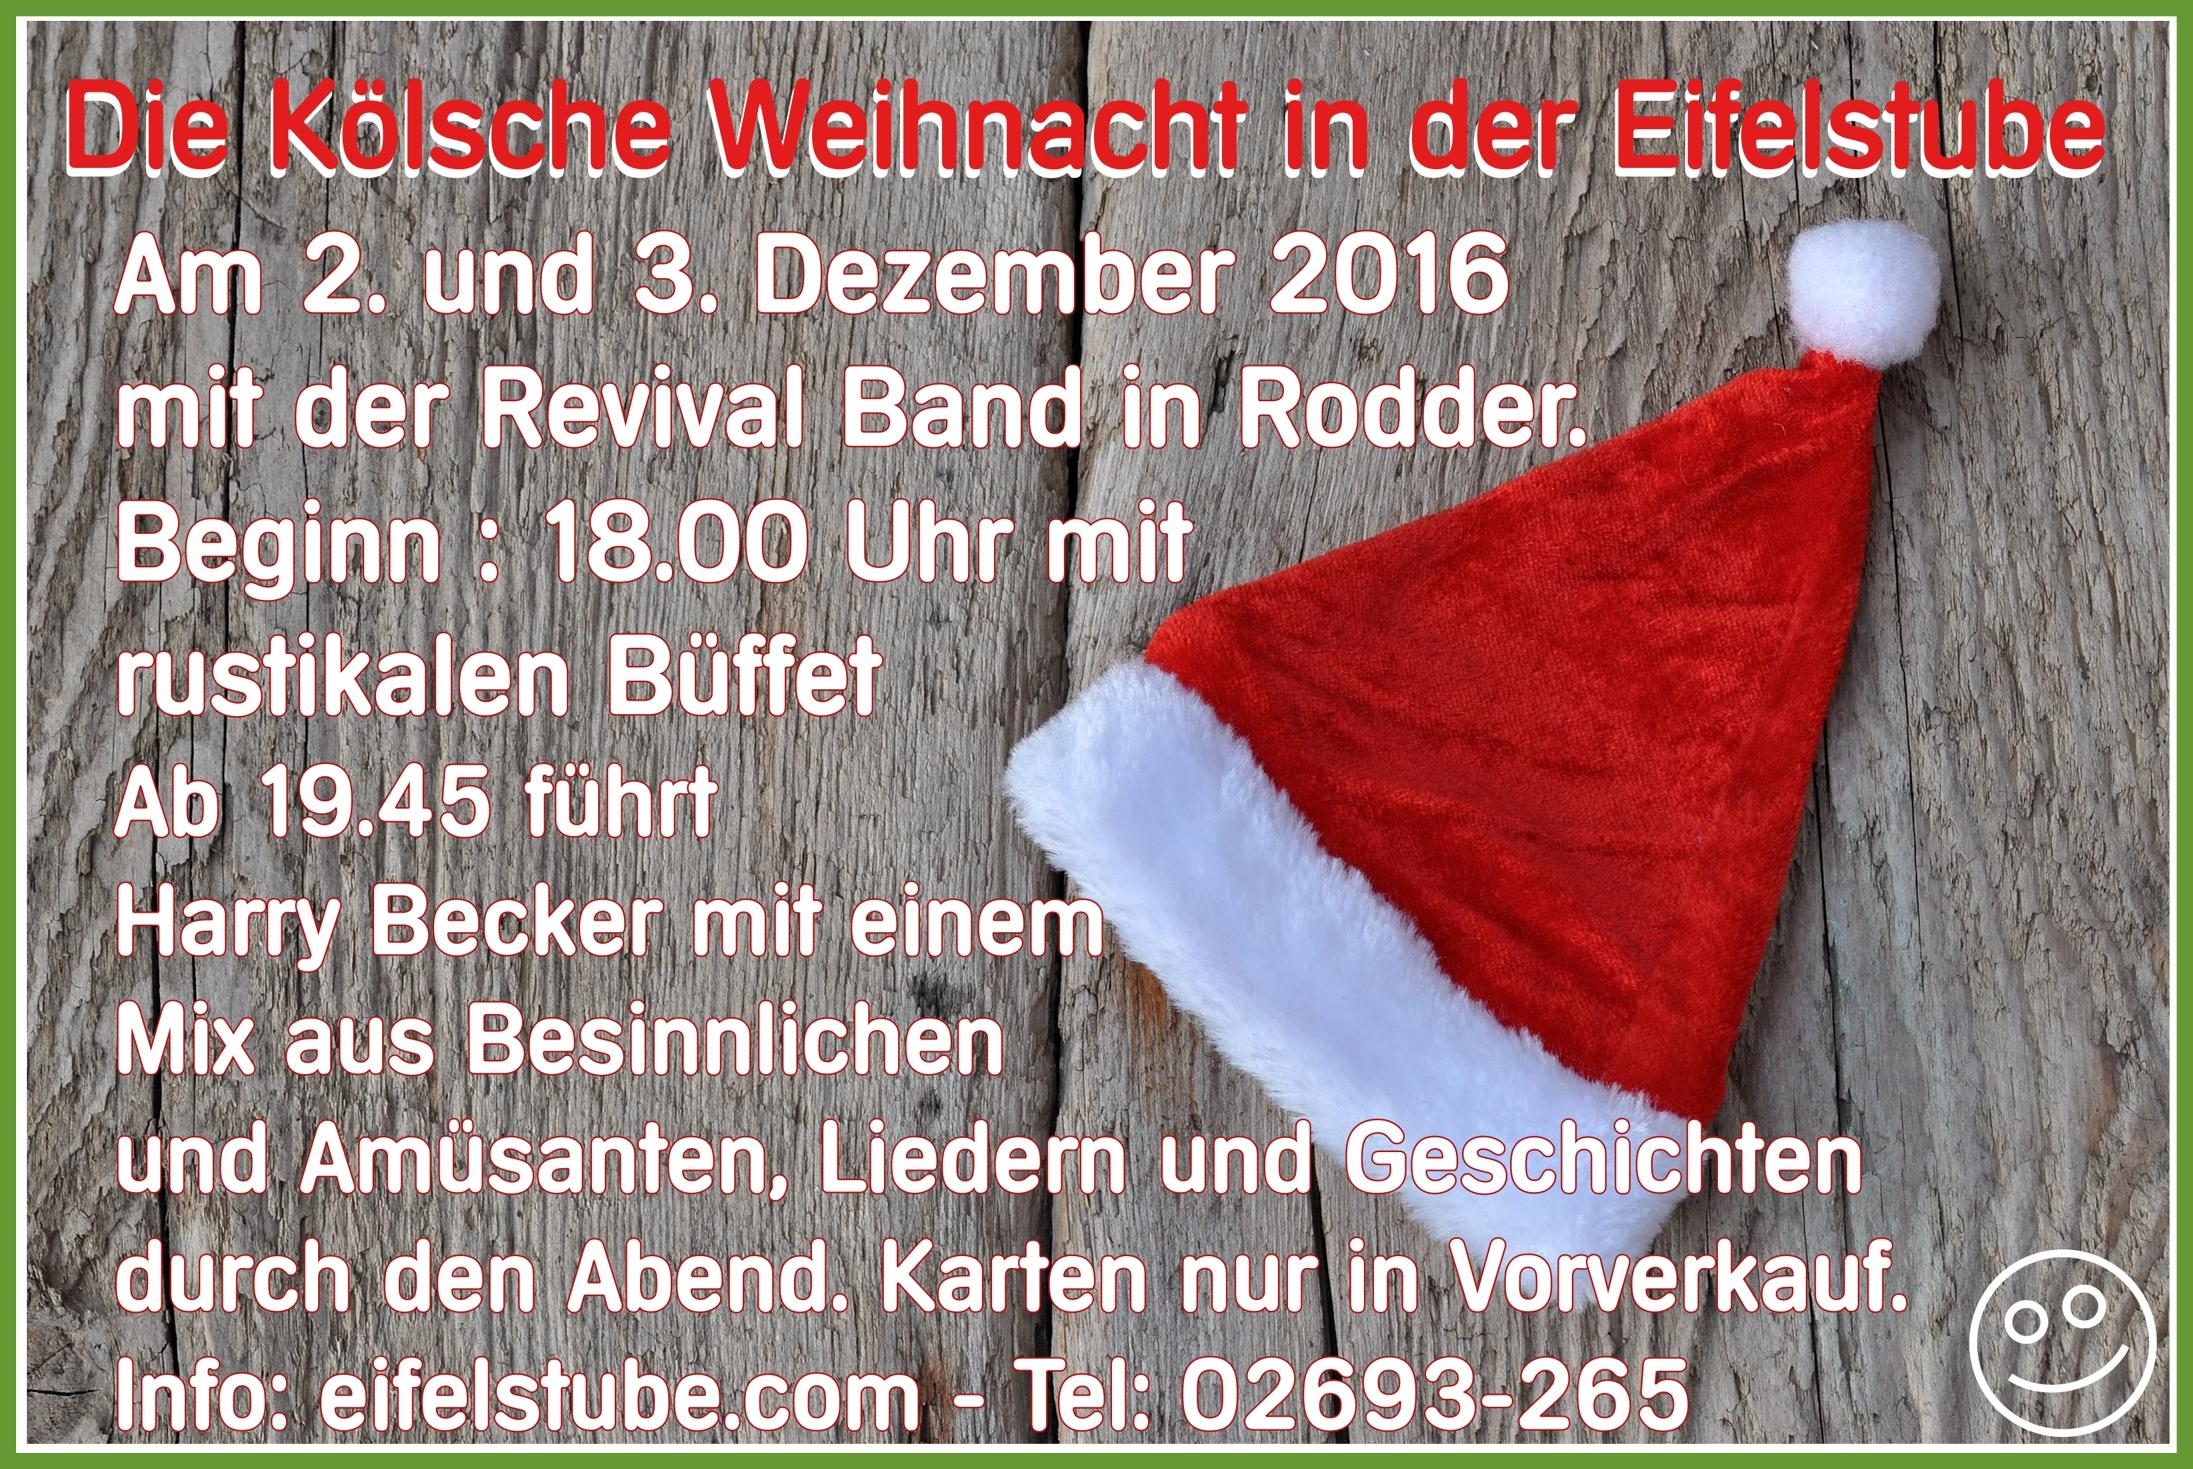 Kölsche Weihnacht Eifel Eifelstube Rodder 2016 am 2.Dezember 2016 3.Dezember 2016